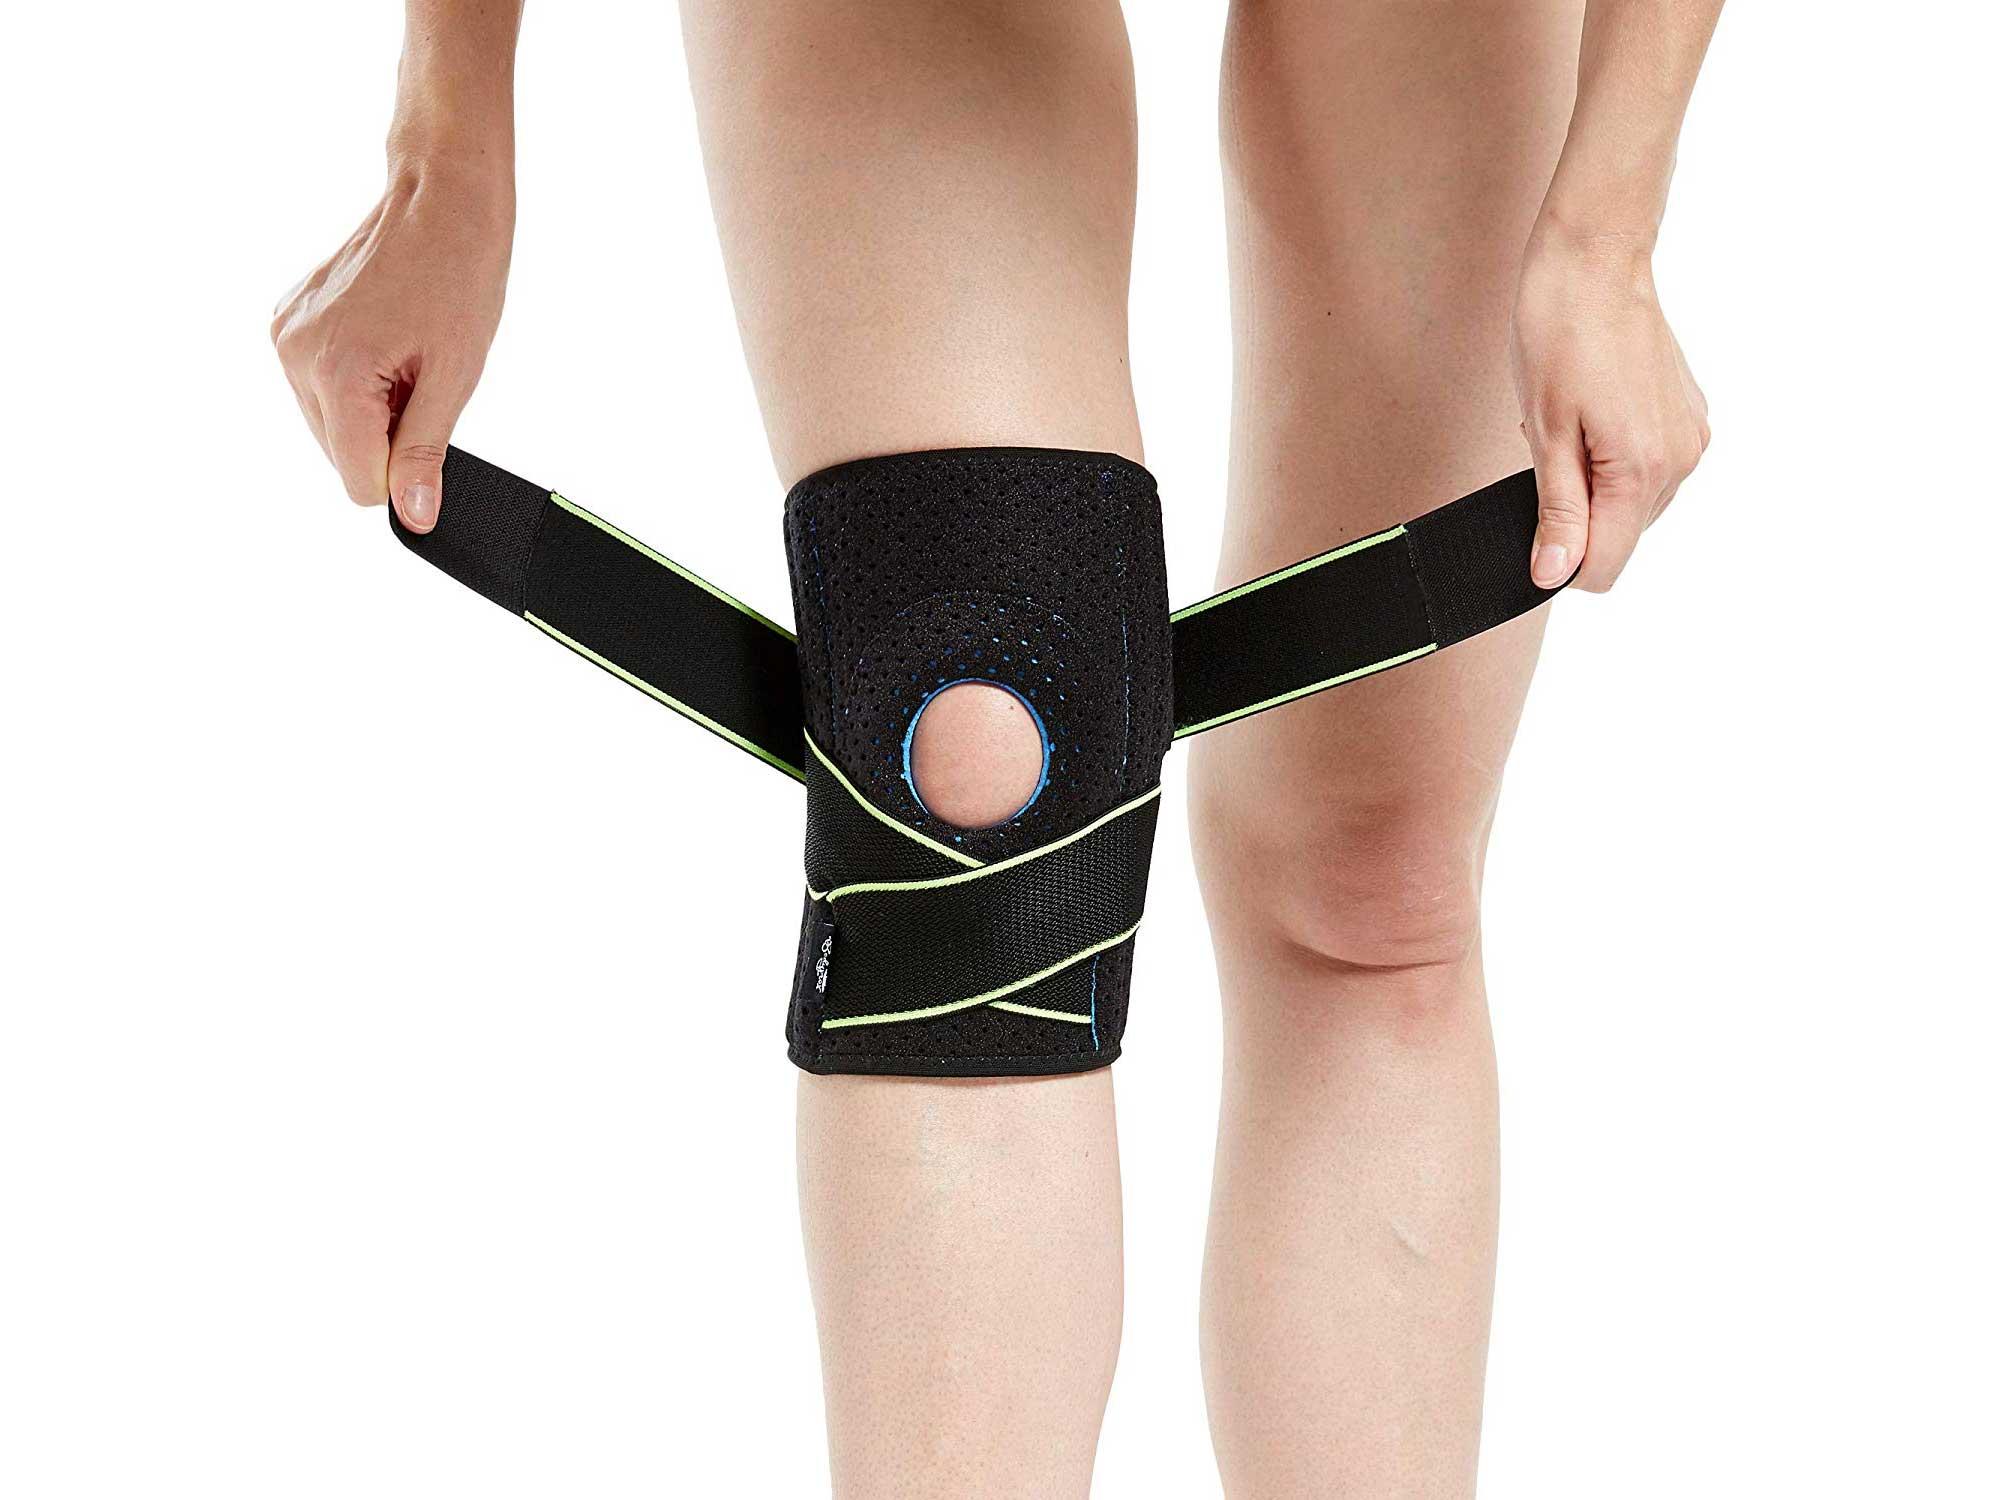 Woman wearing knee brace